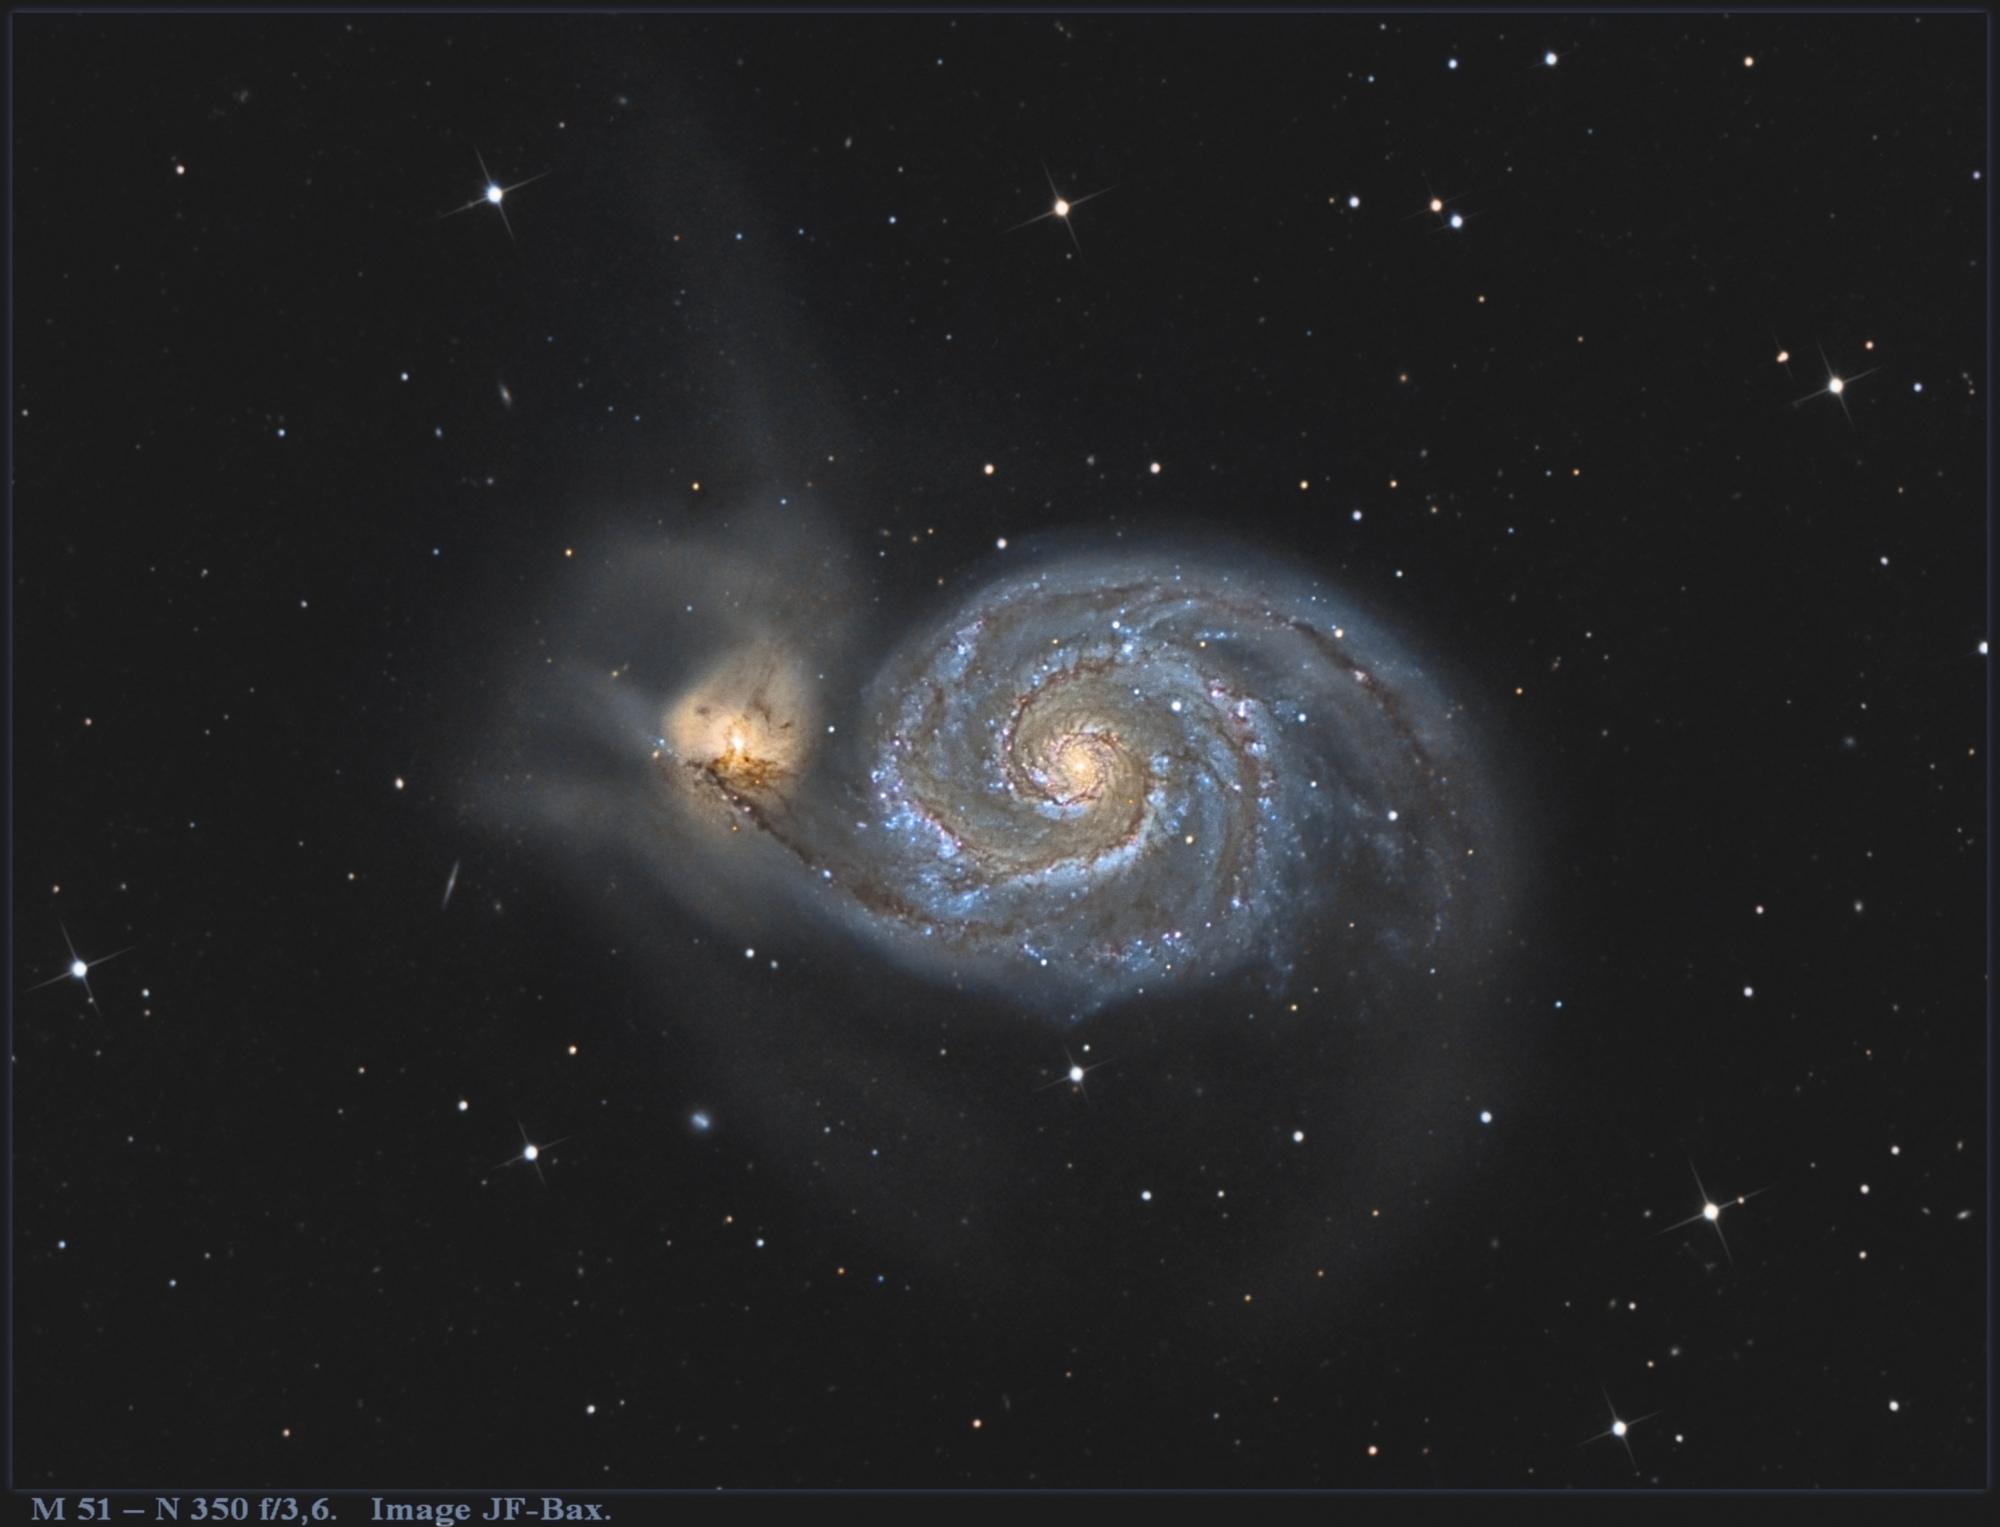 M51-final-cadre3_web.thumb.jpg.e1ed6d3494d2a5d810c517e40451d2e8.jpg